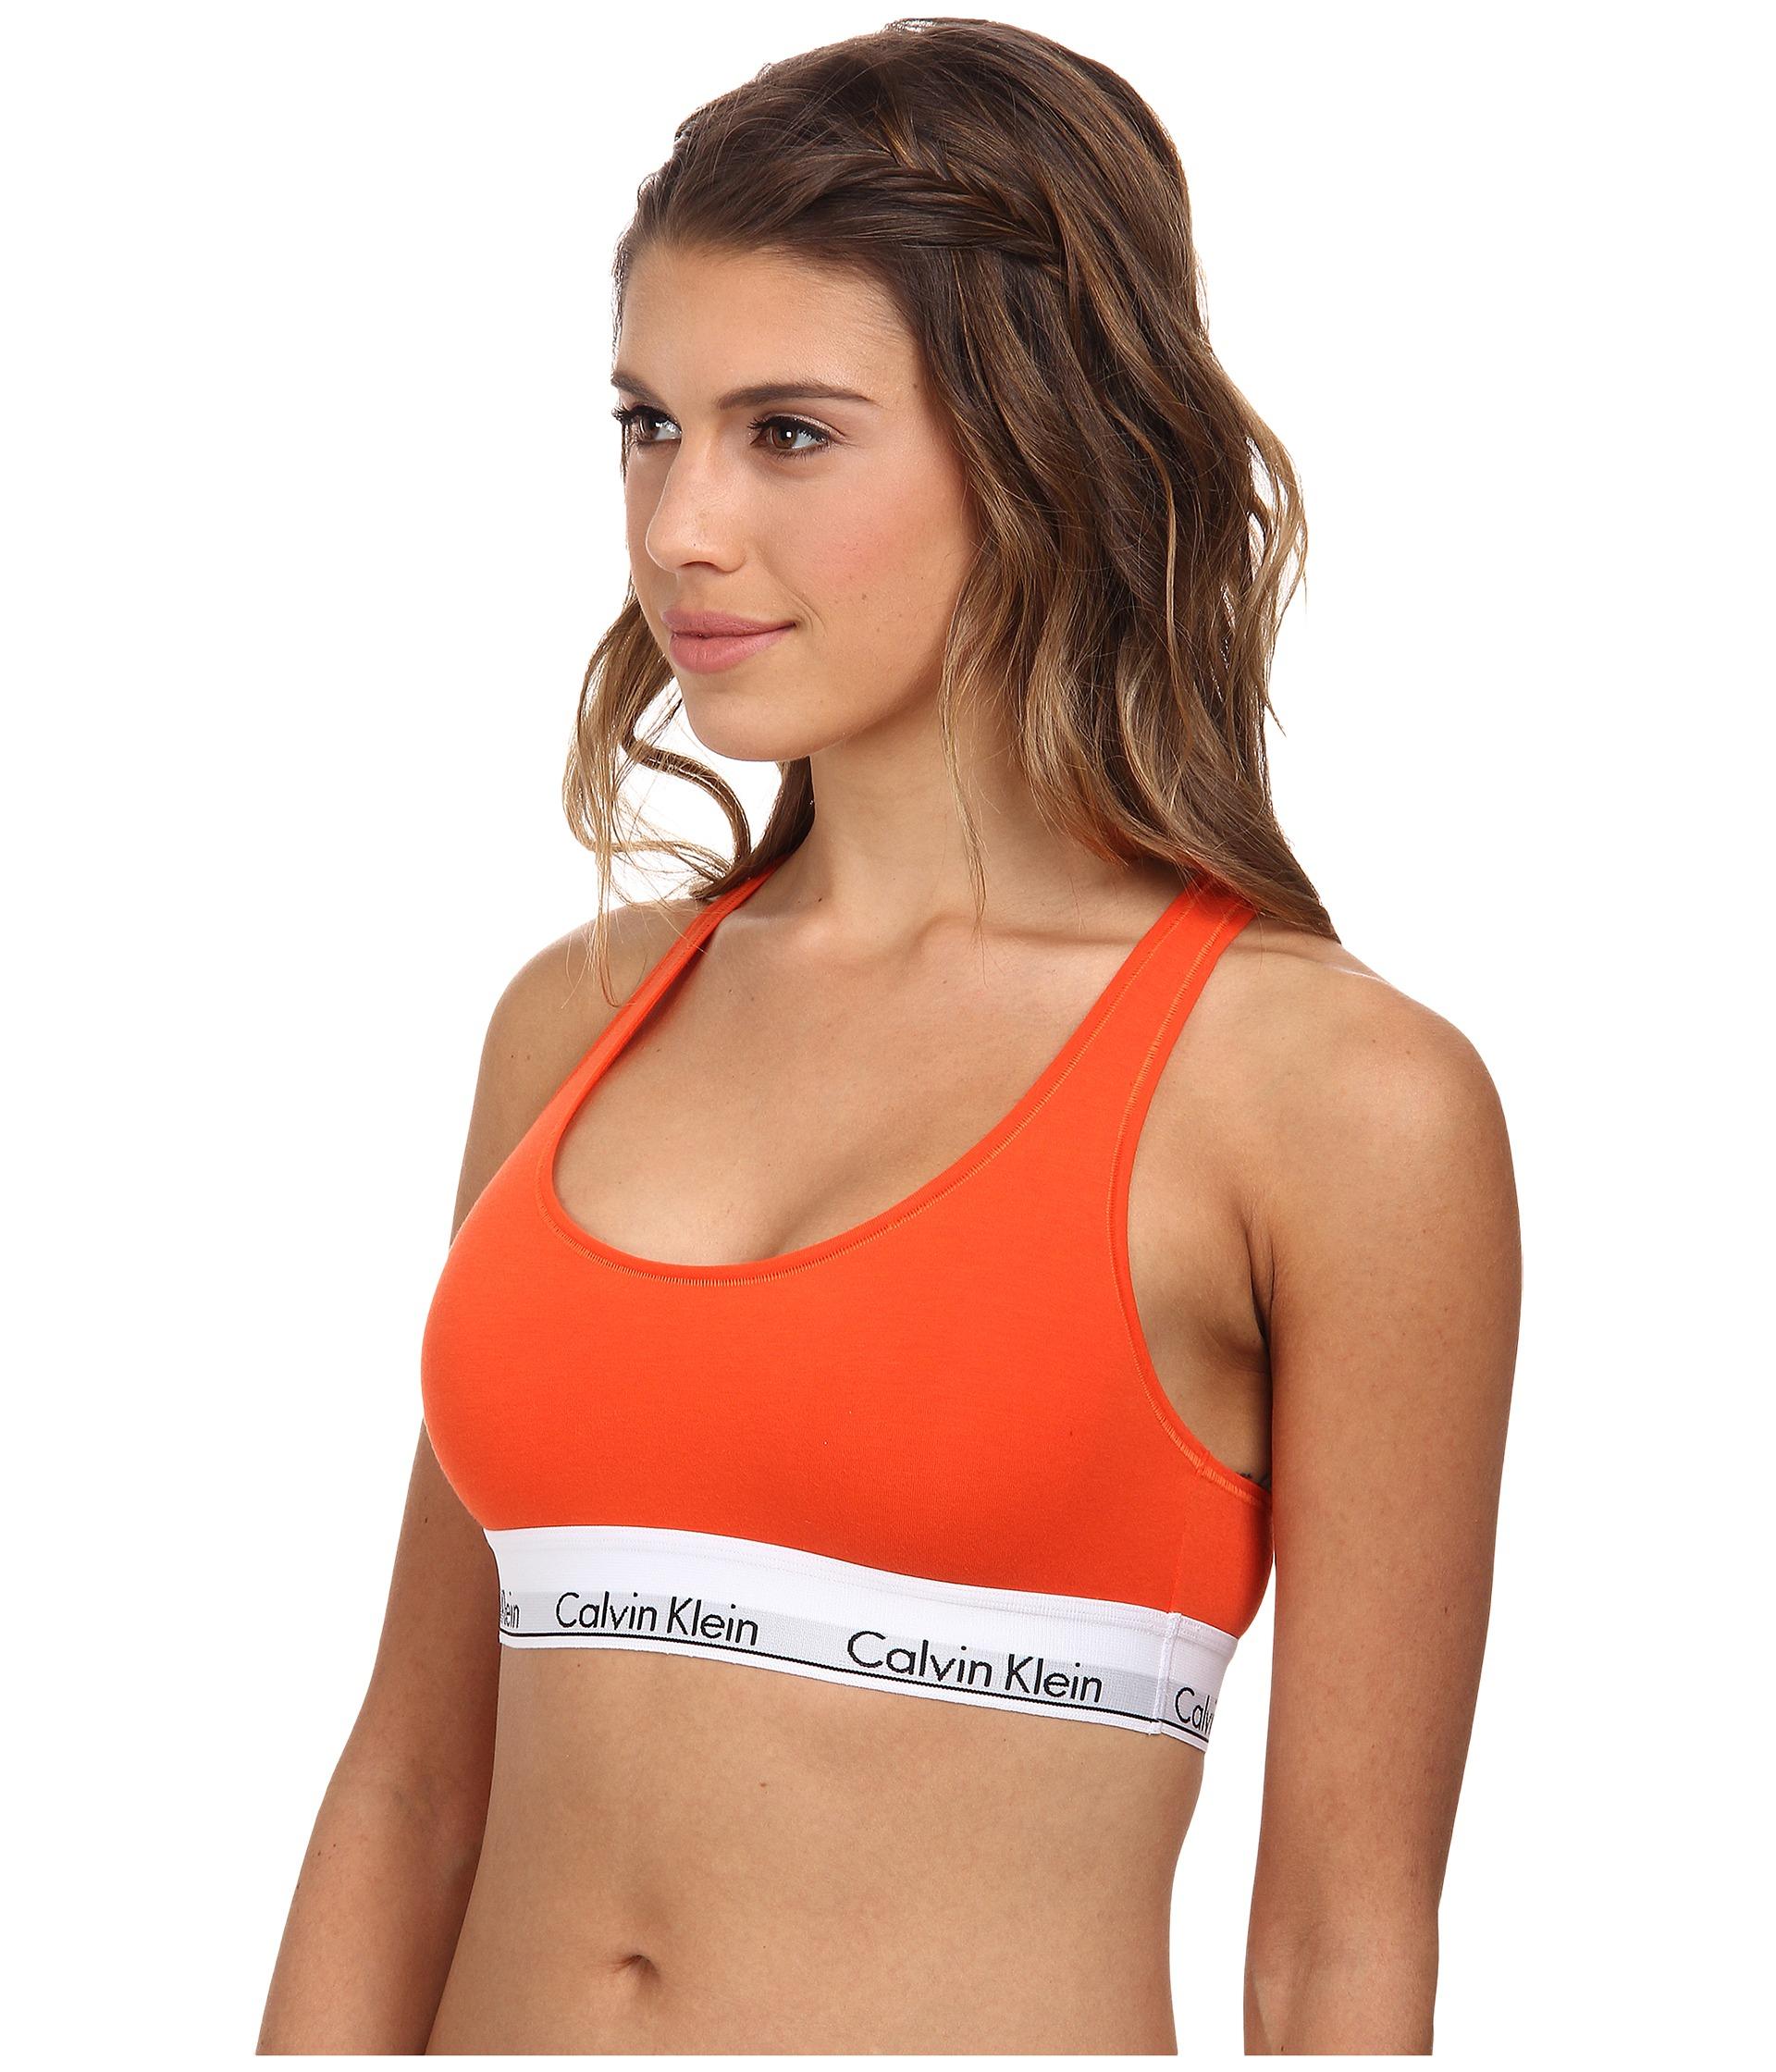 Lyst - Calvin Klein Modern Cotton Bralette F3785 in Red 33ca2d56562